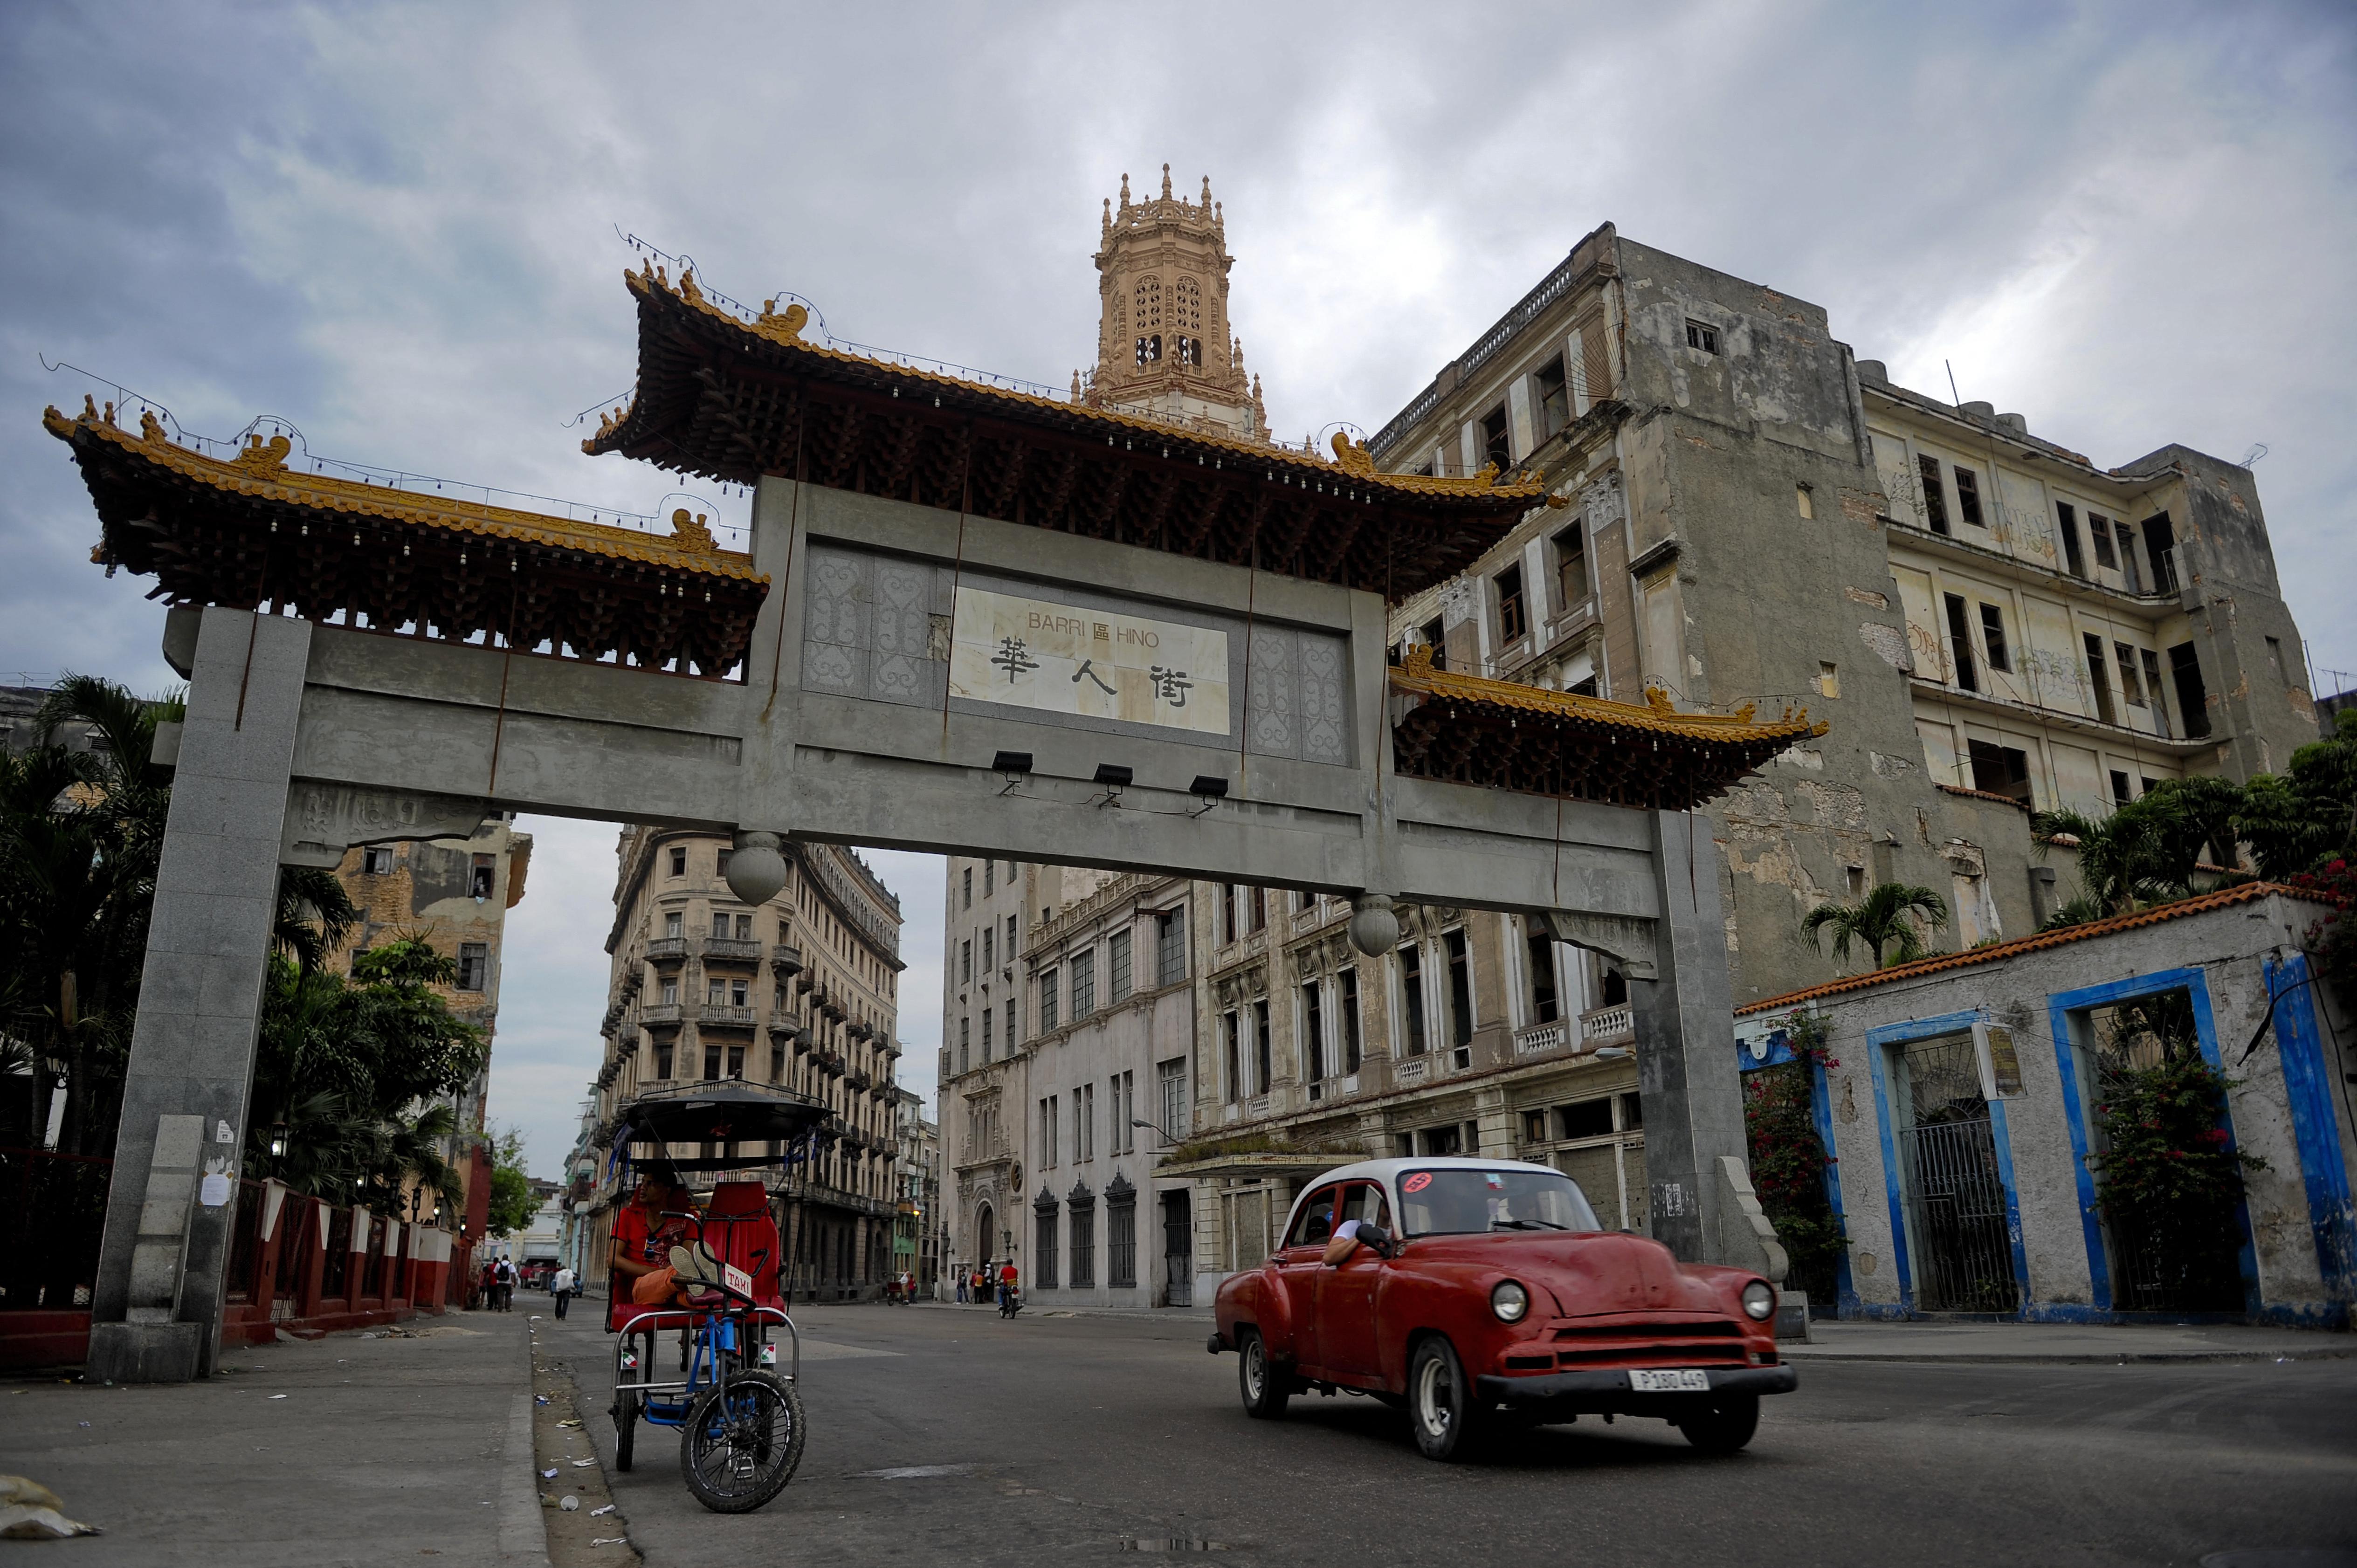 Cómo ayuda China al régimen cubano a mantenerse a flote y a reprimir protestas